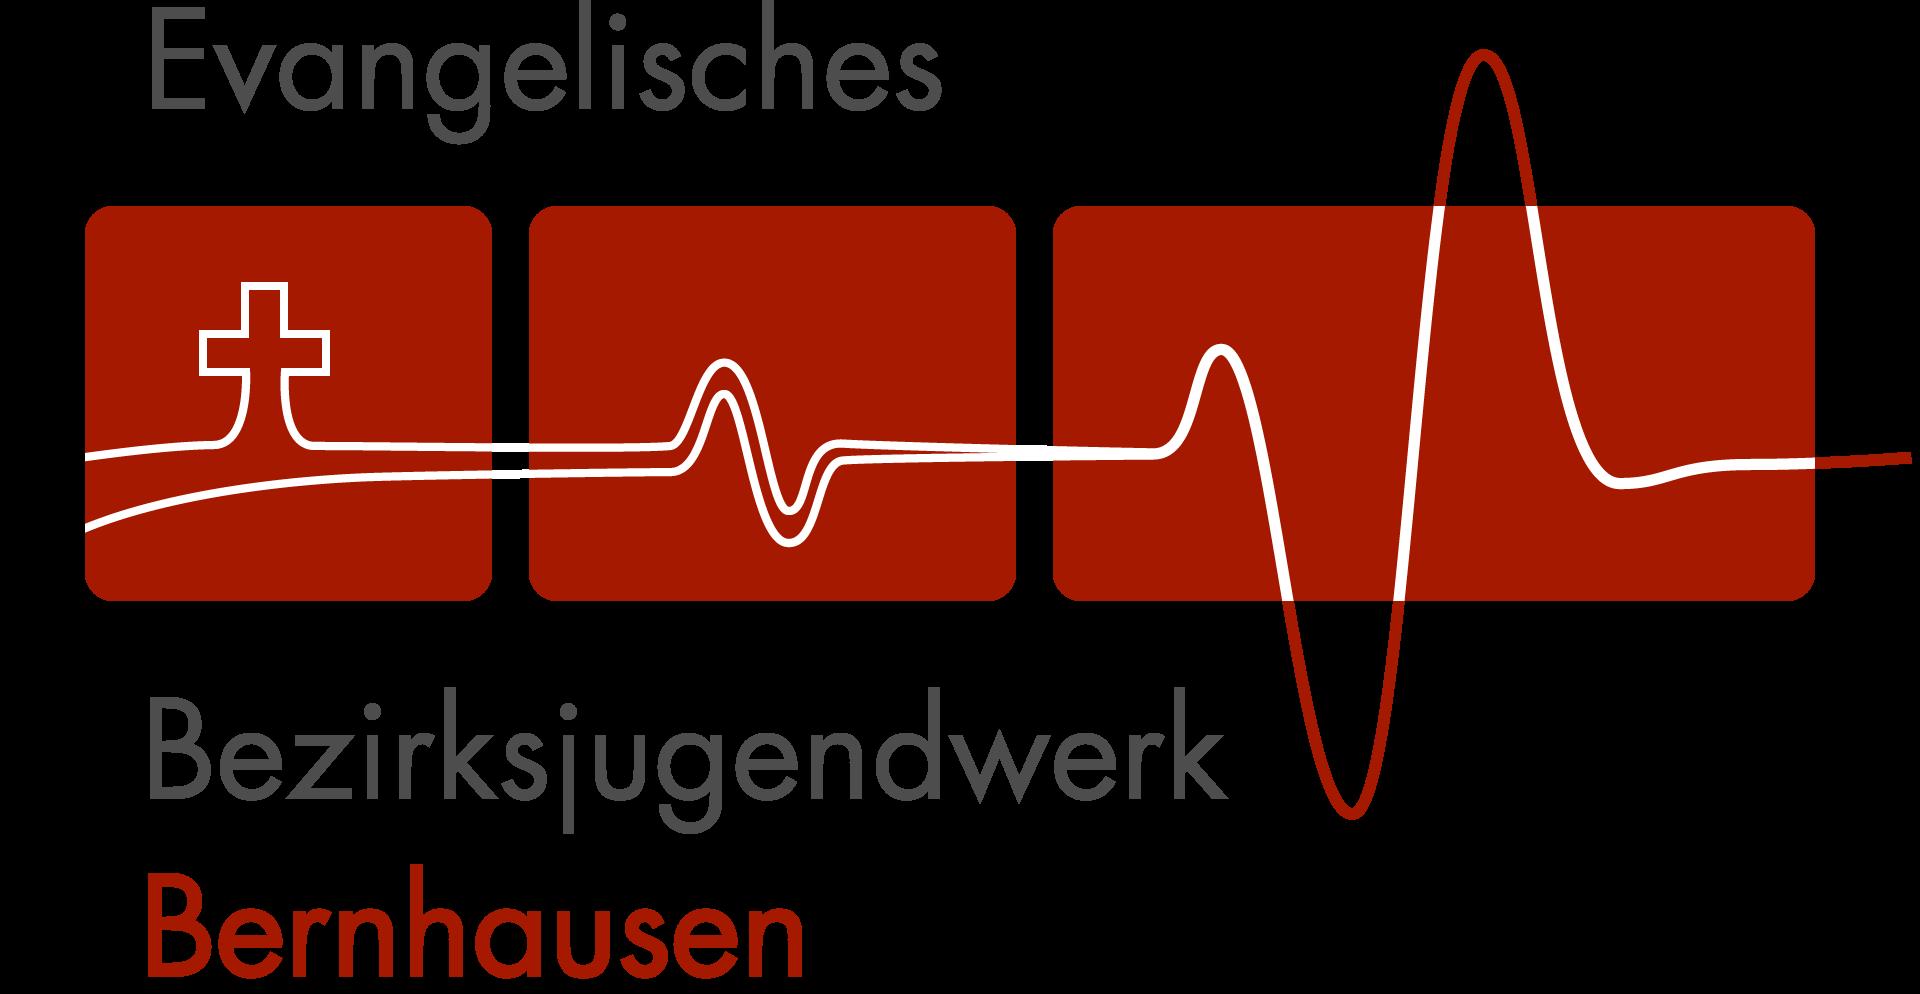 Evangangelisches Bezirksjugendwerk Bernhausen